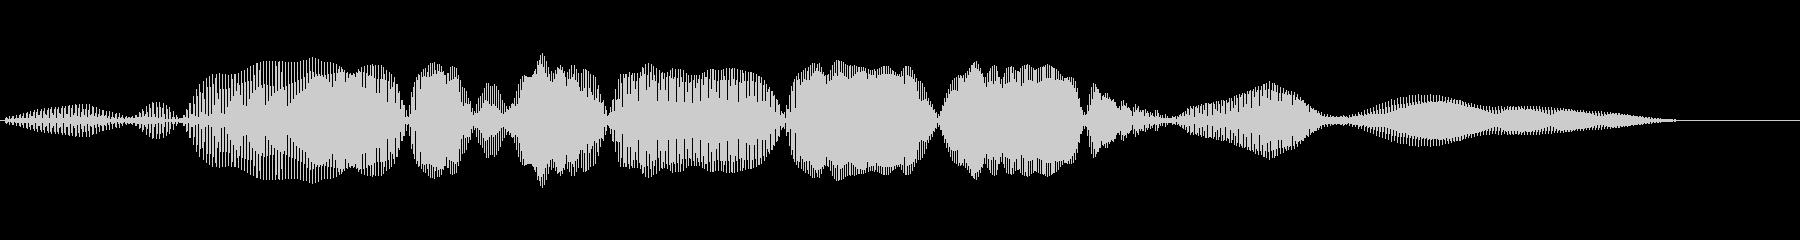 THEREMIN:ショートウェーブ...の未再生の波形